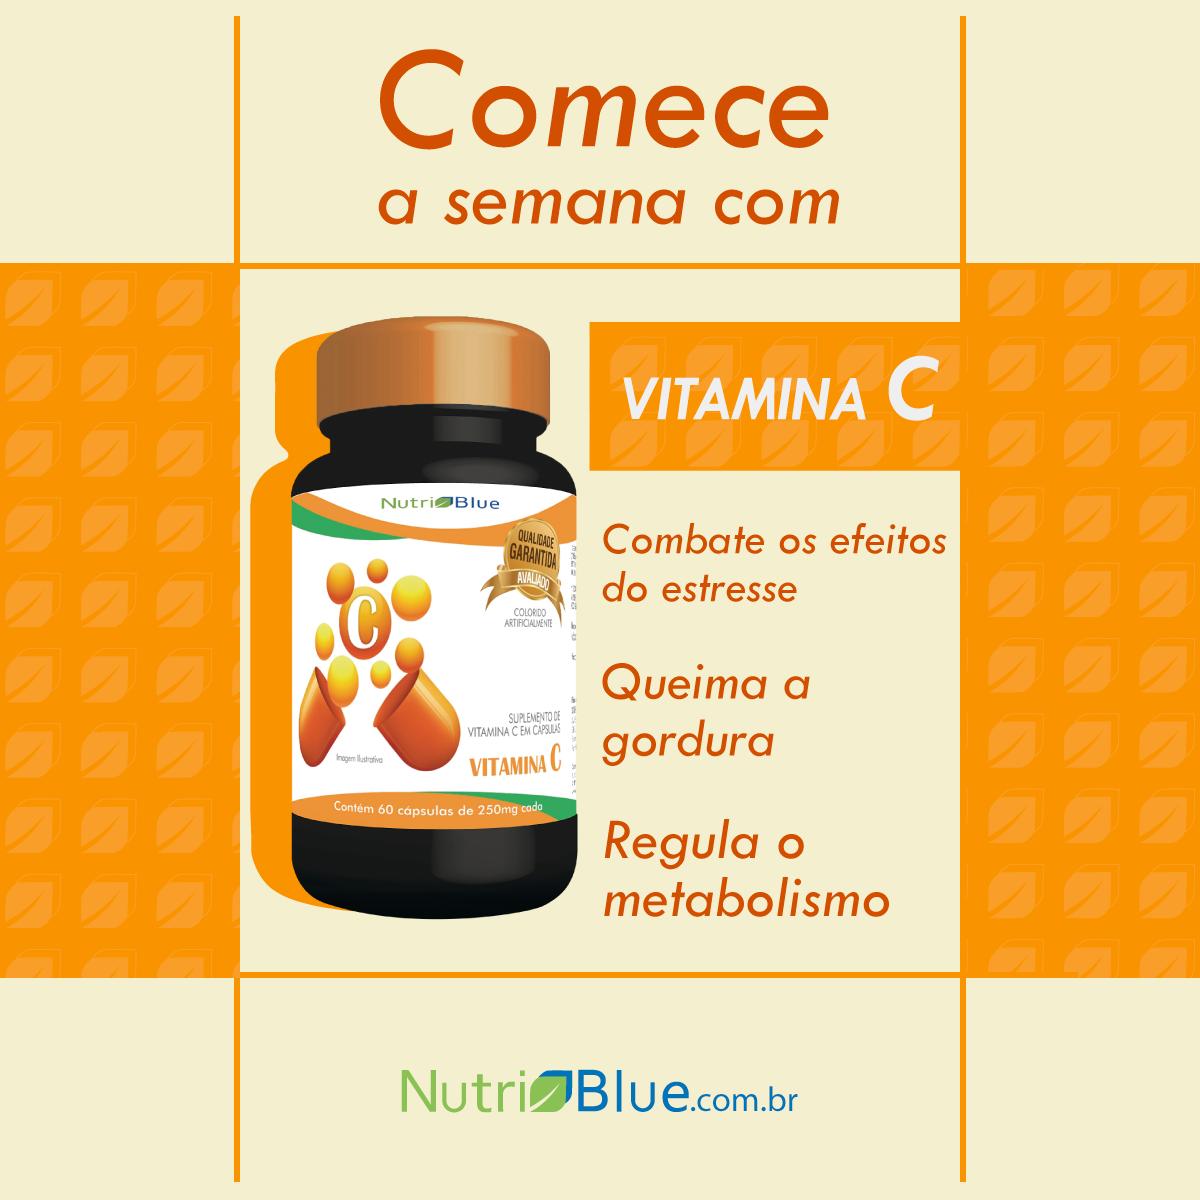 e17021fe0 Comece a semana com a Vitamina C